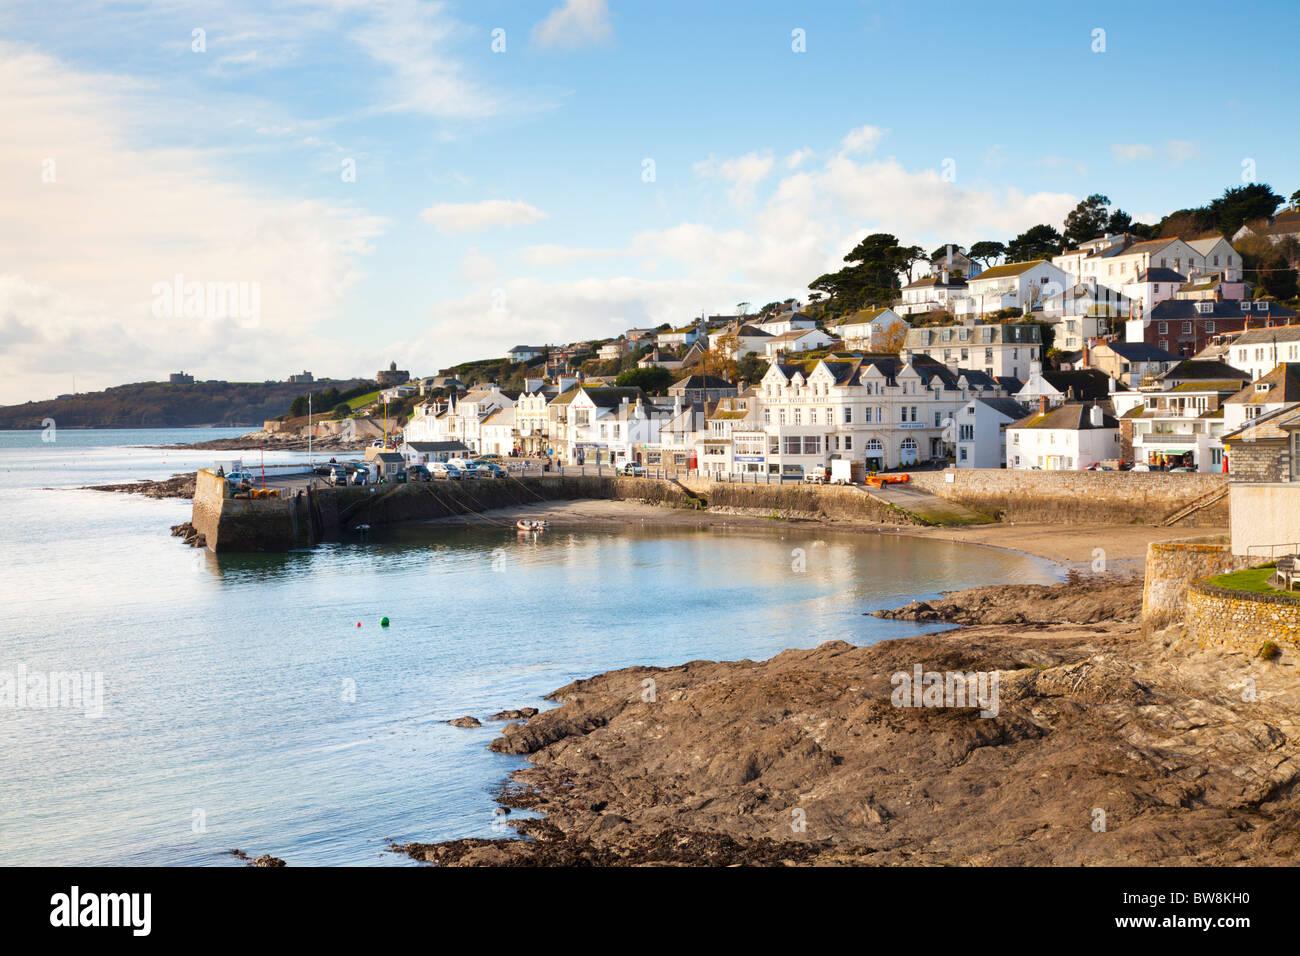 La aldea costera de St Mawes Cornwall Inglaterra Imagen De Stock